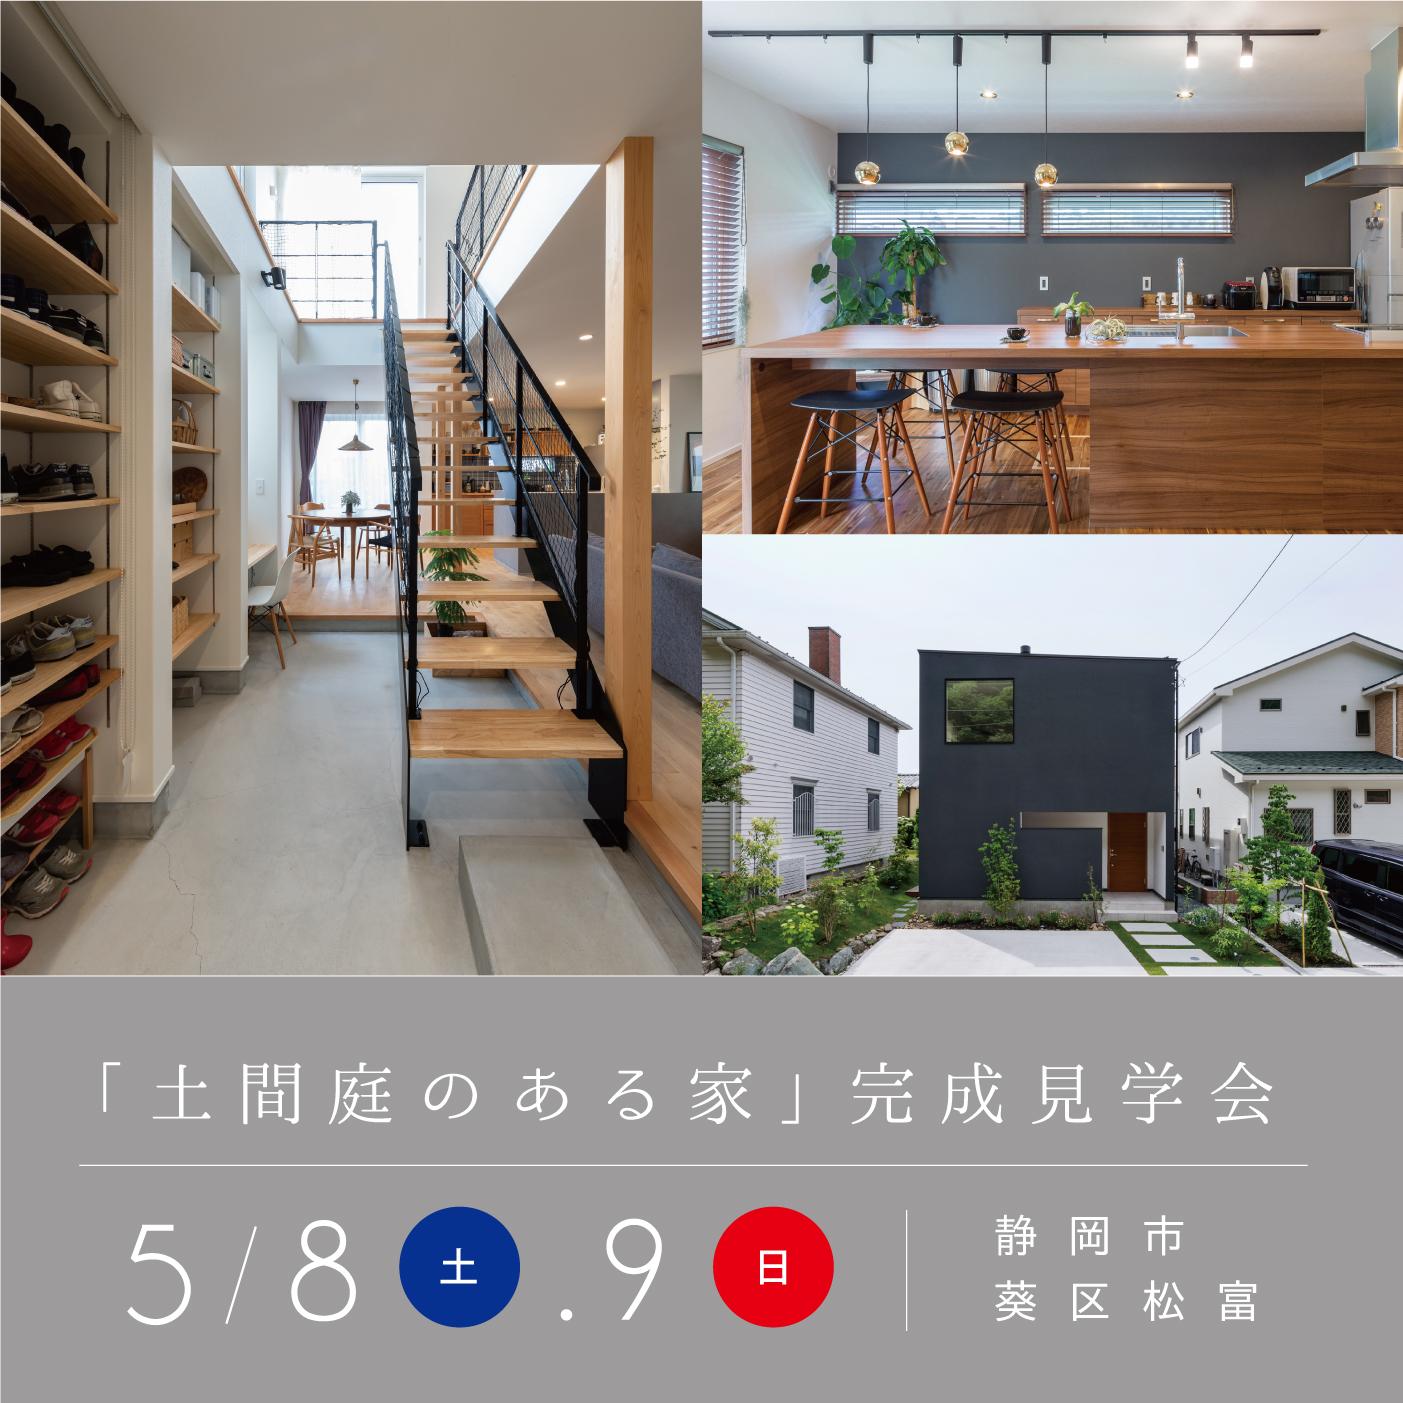 【 土間庭のある家 】5/8(土)・9(日)完成見学会開催!@静岡市葵区|《完全予約制》